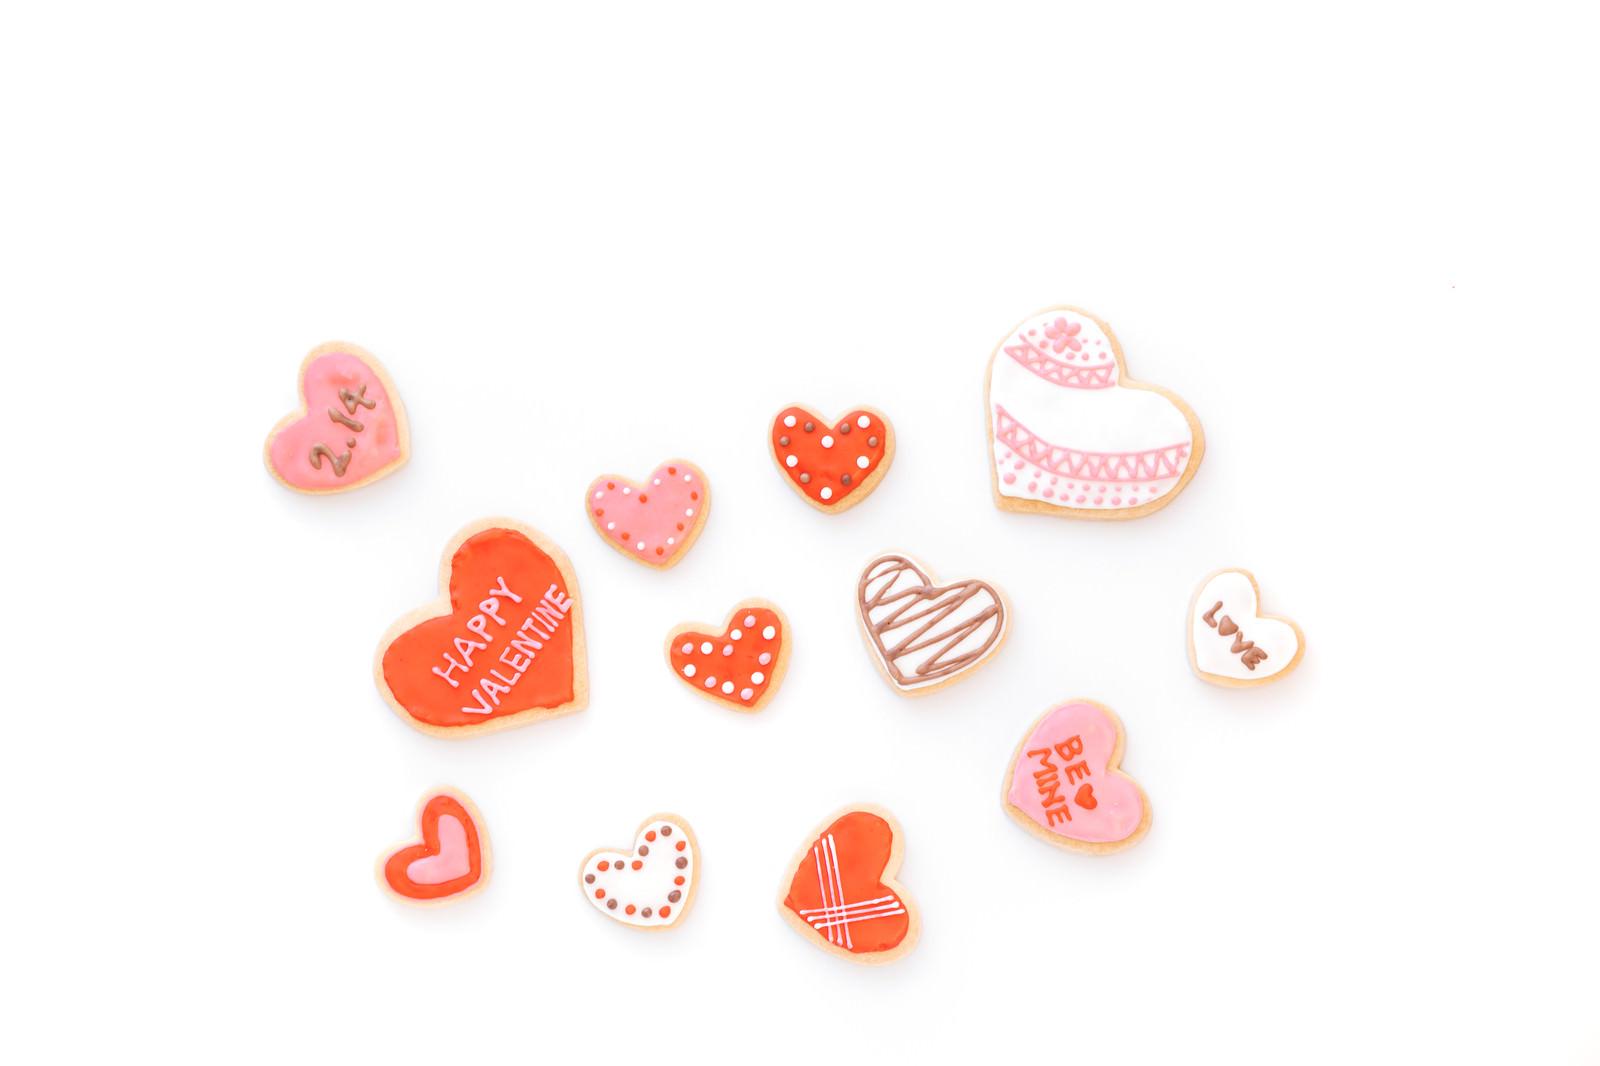 「バレンタインたくさんのハートバレンタインたくさんのハート」のフリー写真素材を拡大